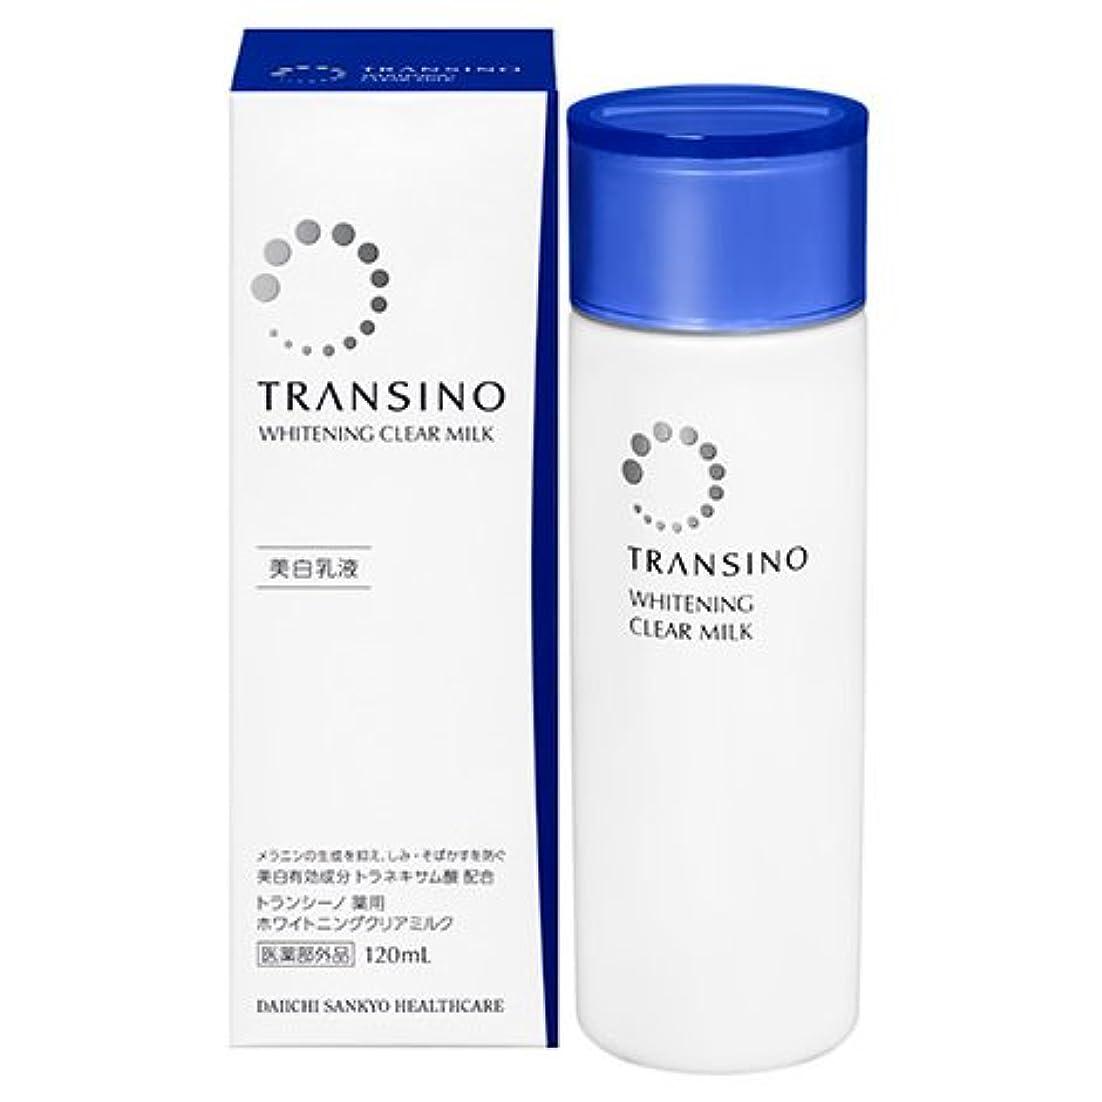 誘導これら葡萄トランシーノ 薬用ホワイトニングクリアミルク 120ml [並行輸入品]